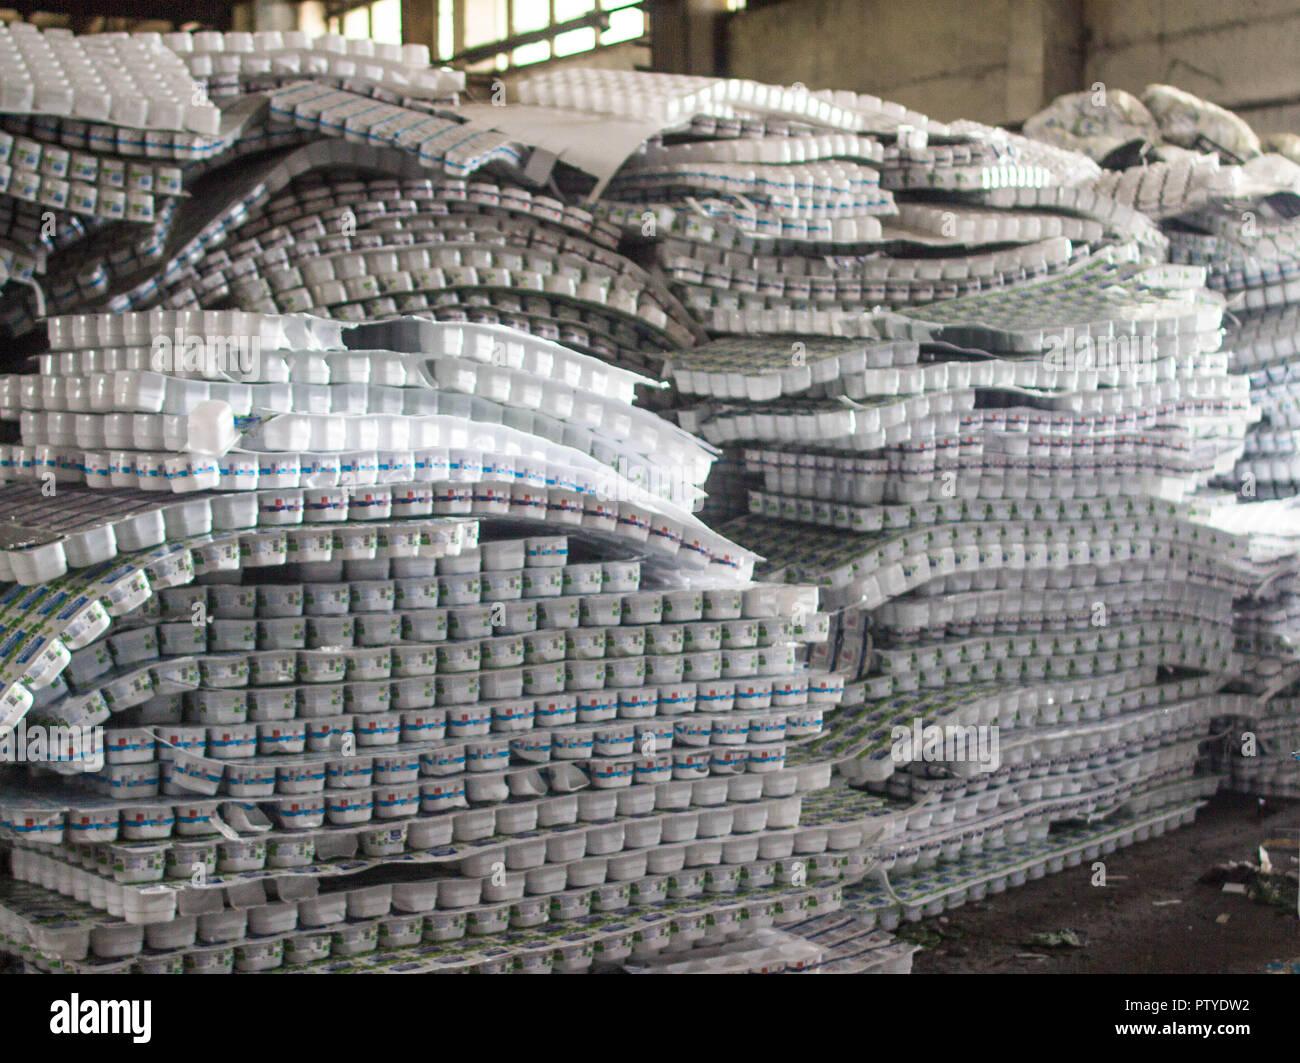 Hazardous Waste Landfill Stock Photos & Hazardous Waste